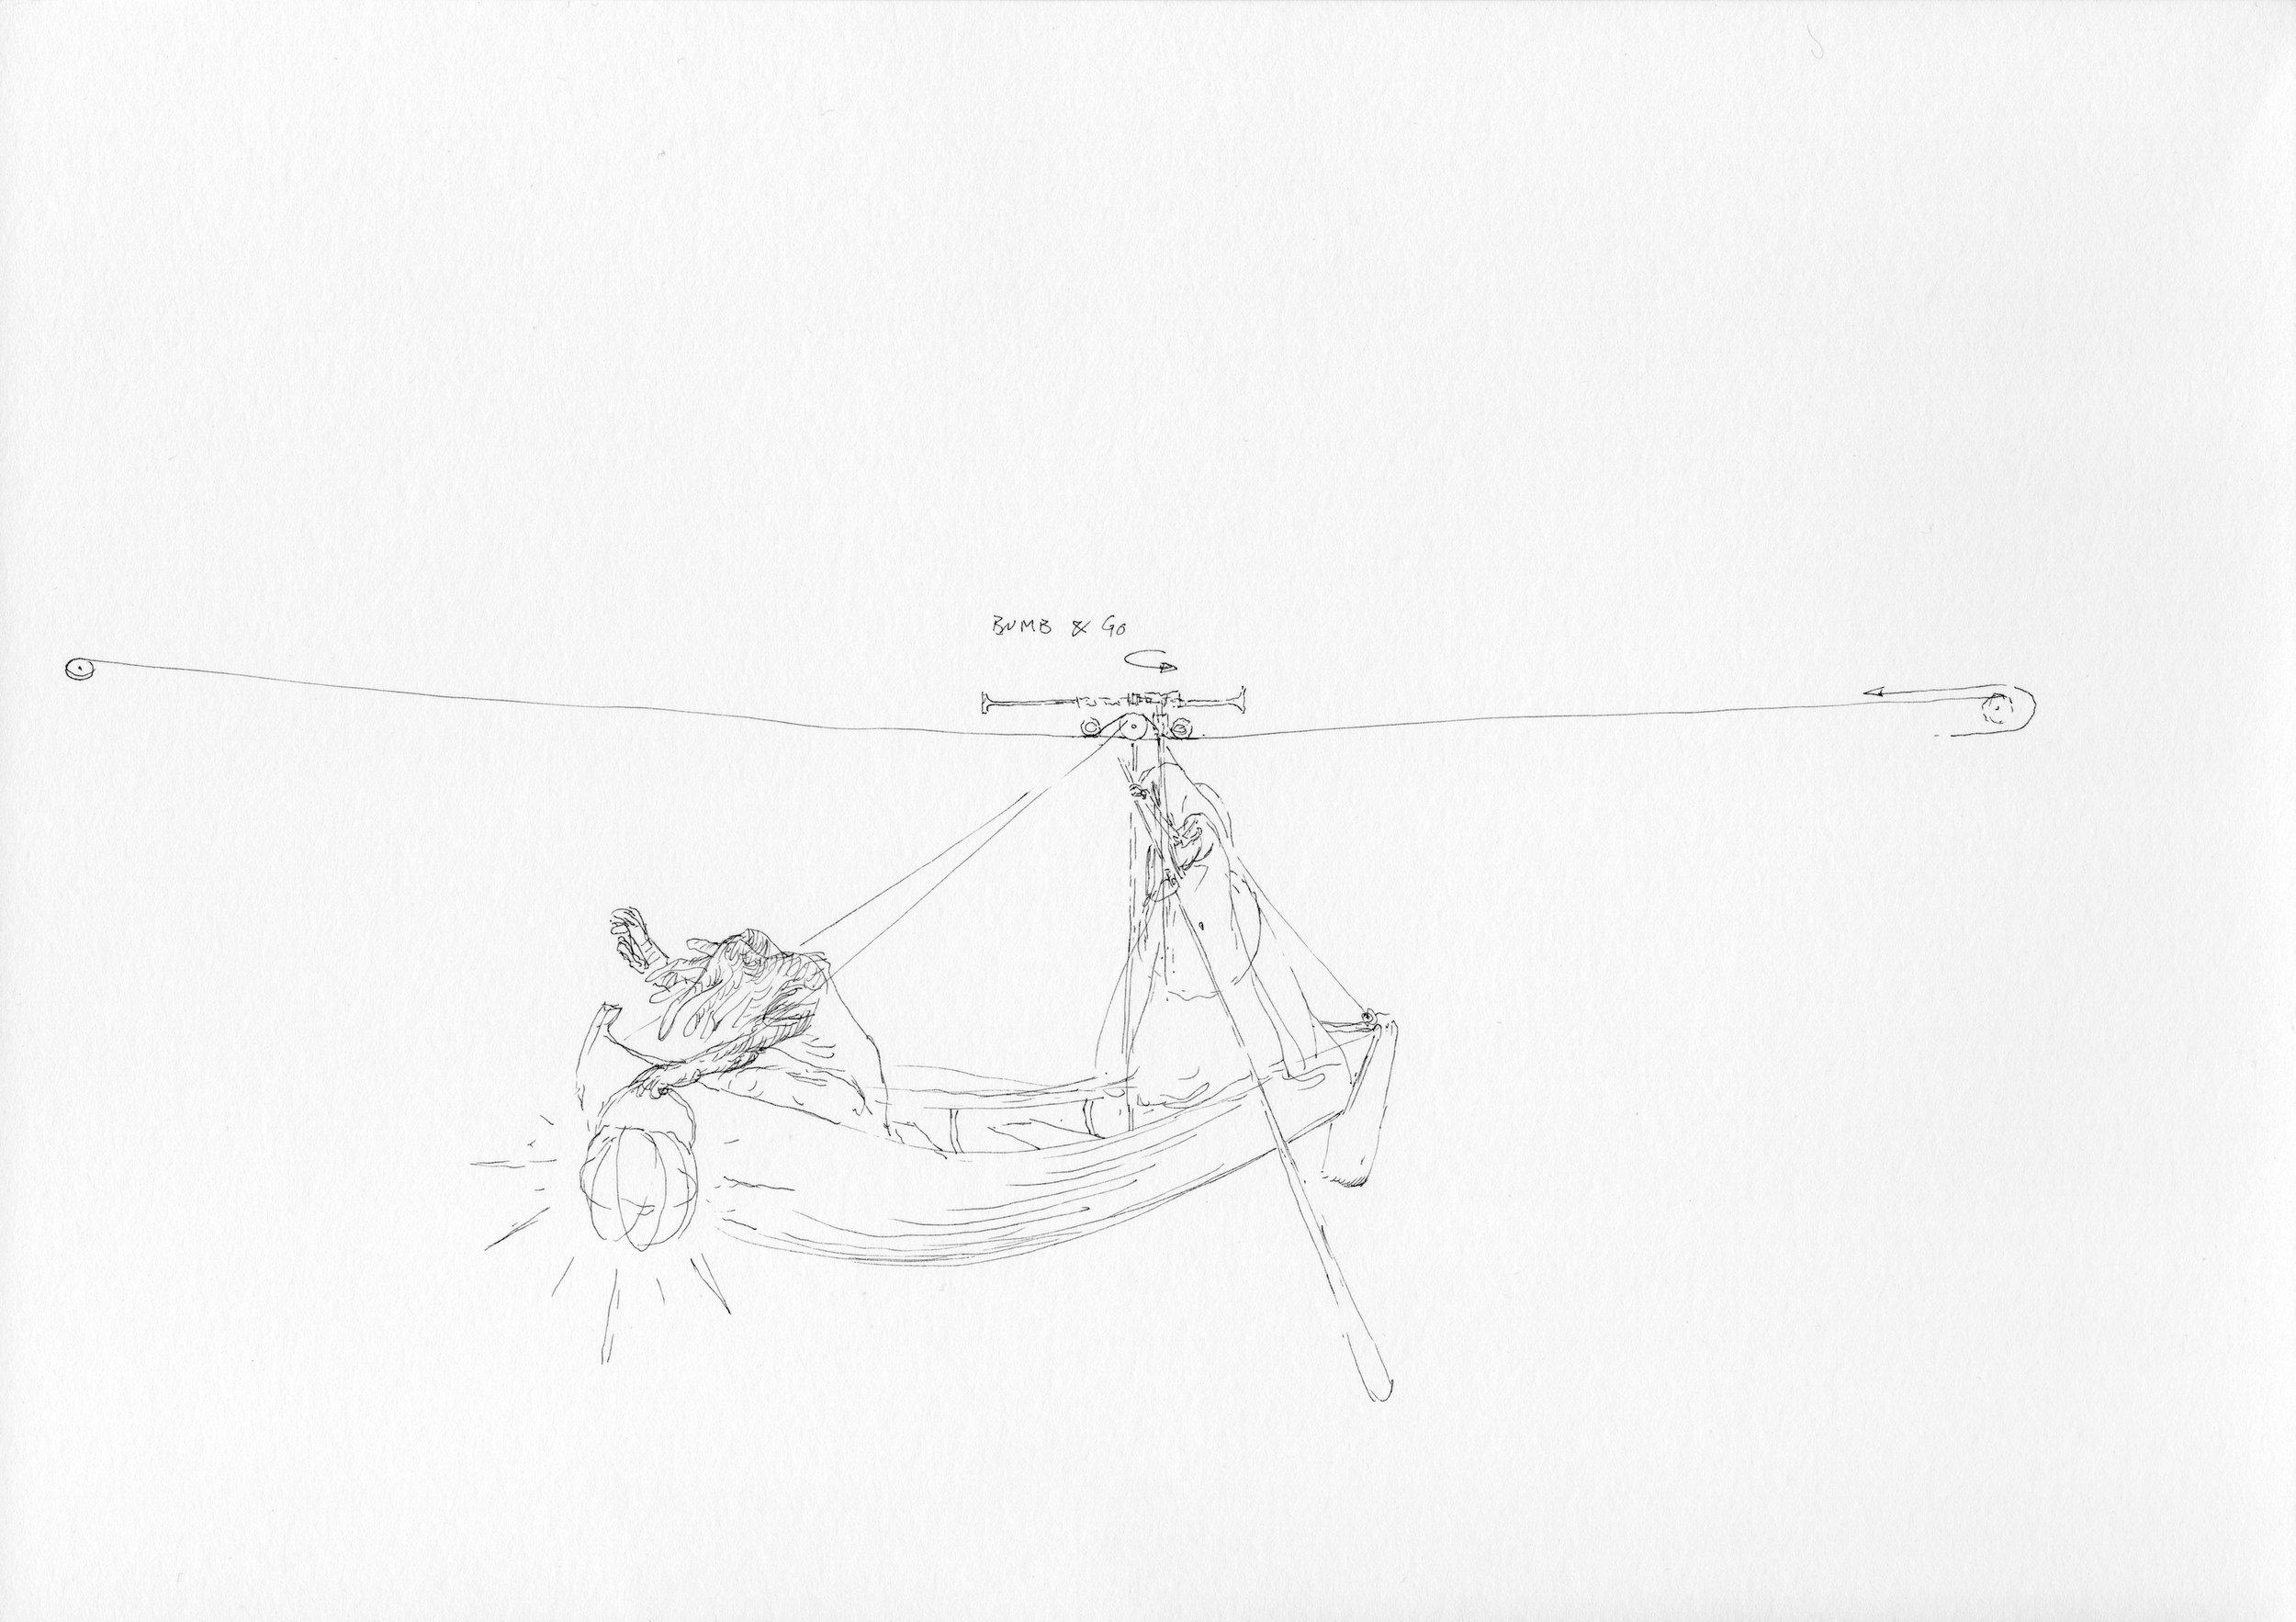 """© Nicolas Darrot, """"Sans titre"""" (079), encre de Chine sur papier, 42x39,7 cm, 2019."""